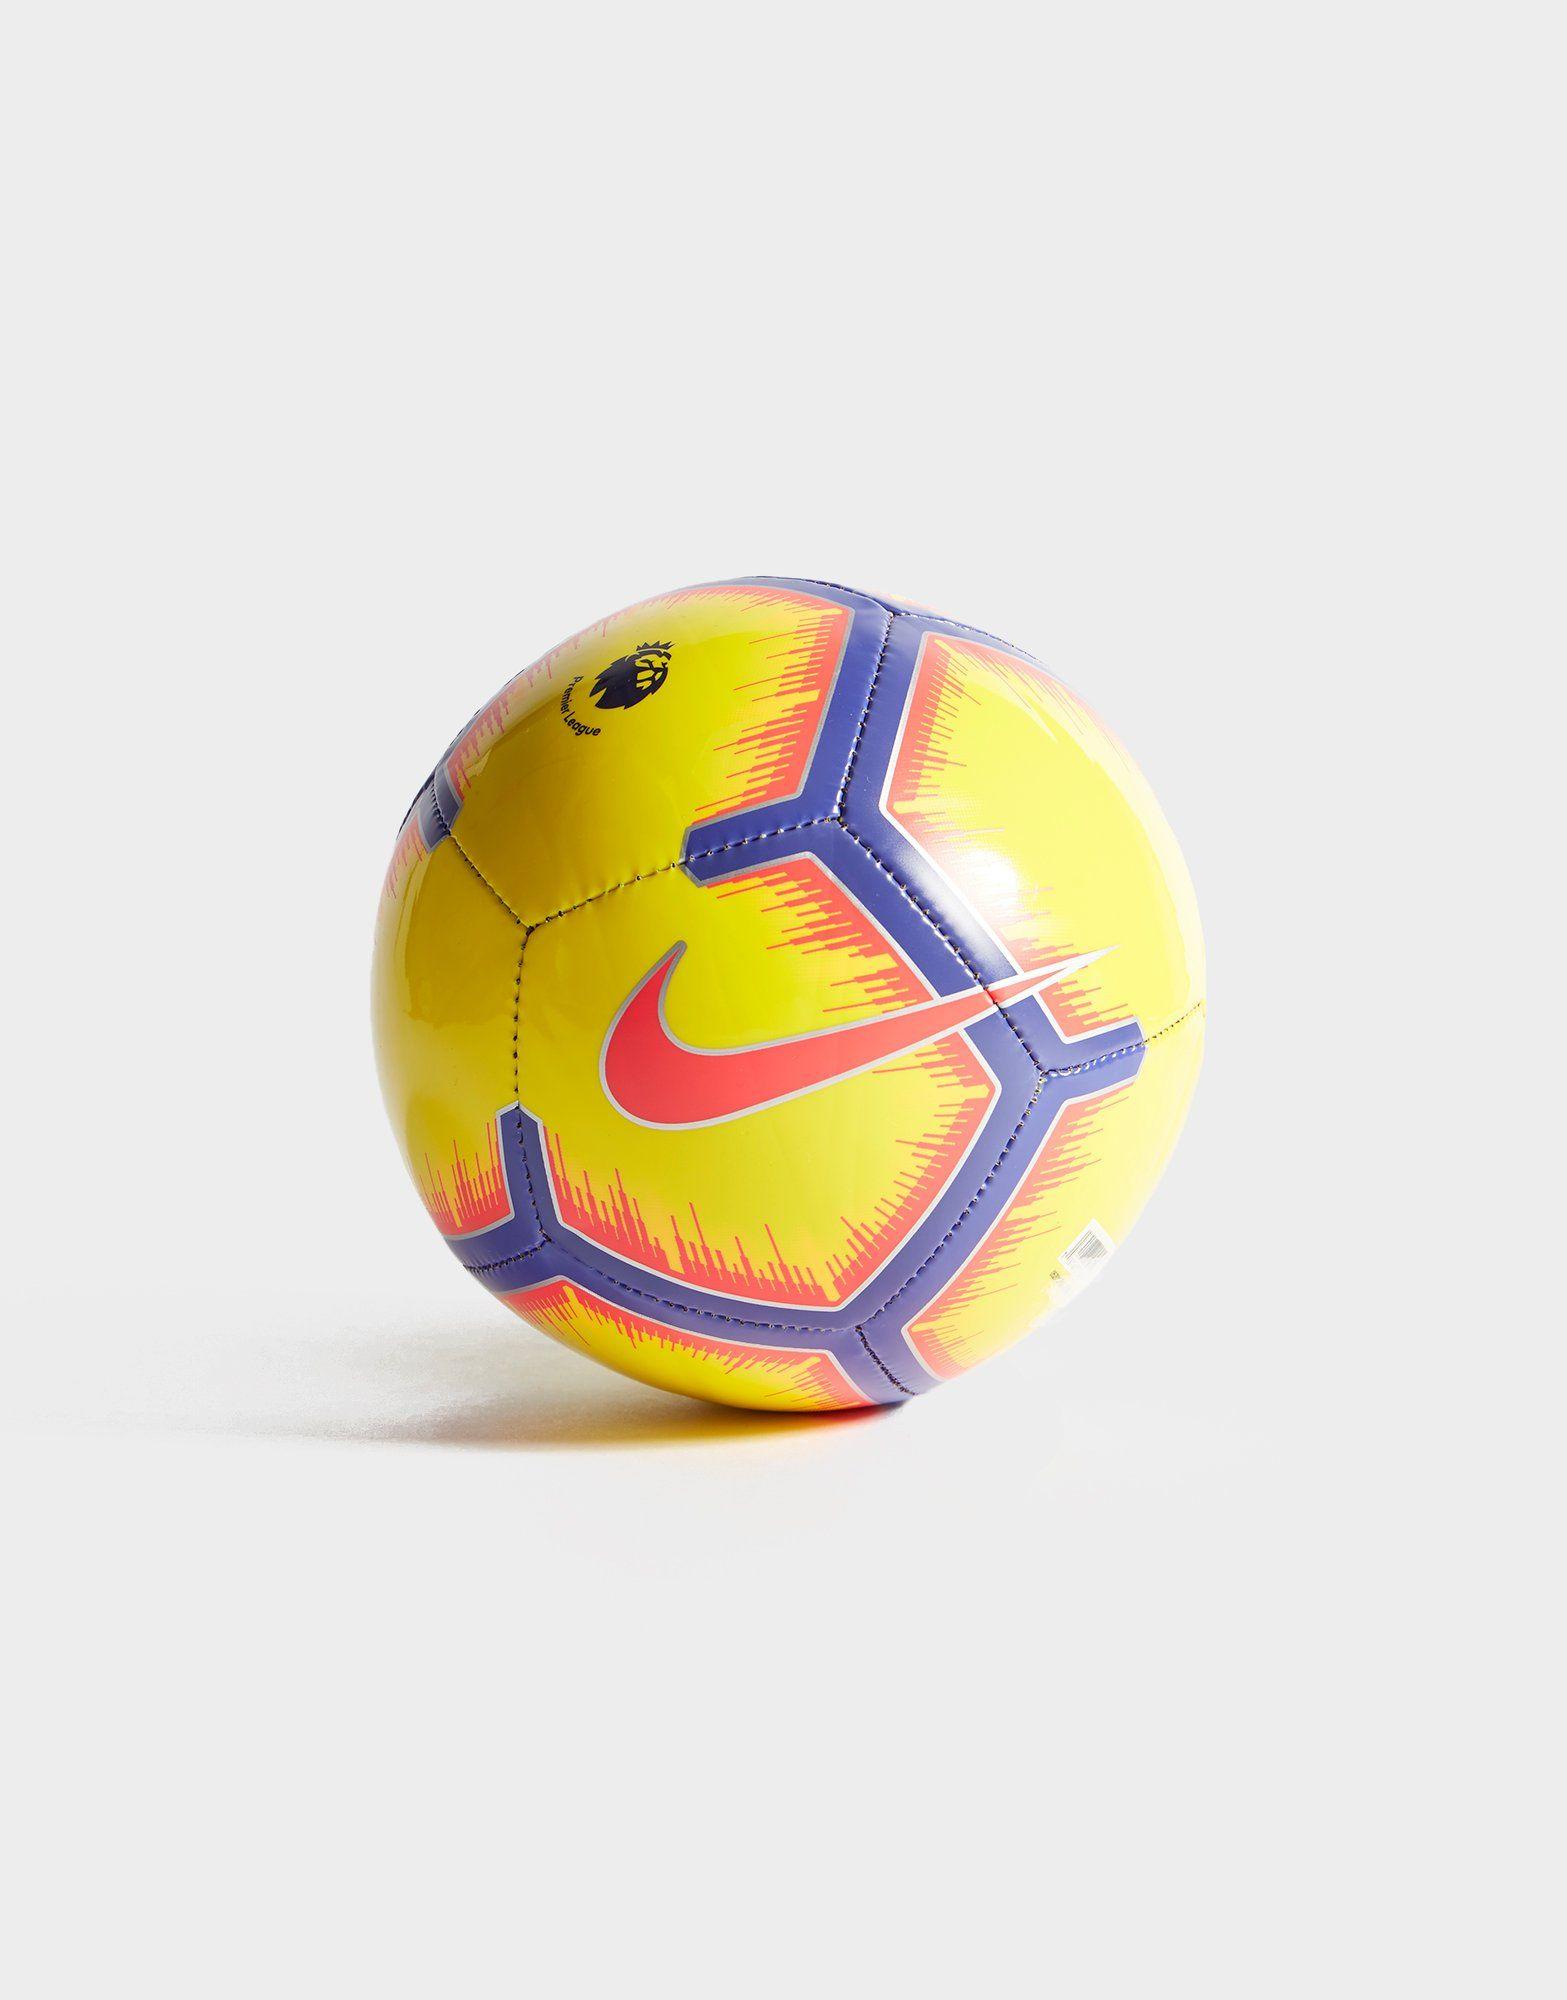 Nike Mini Ballon haute visibilité Première Ligue 18/19